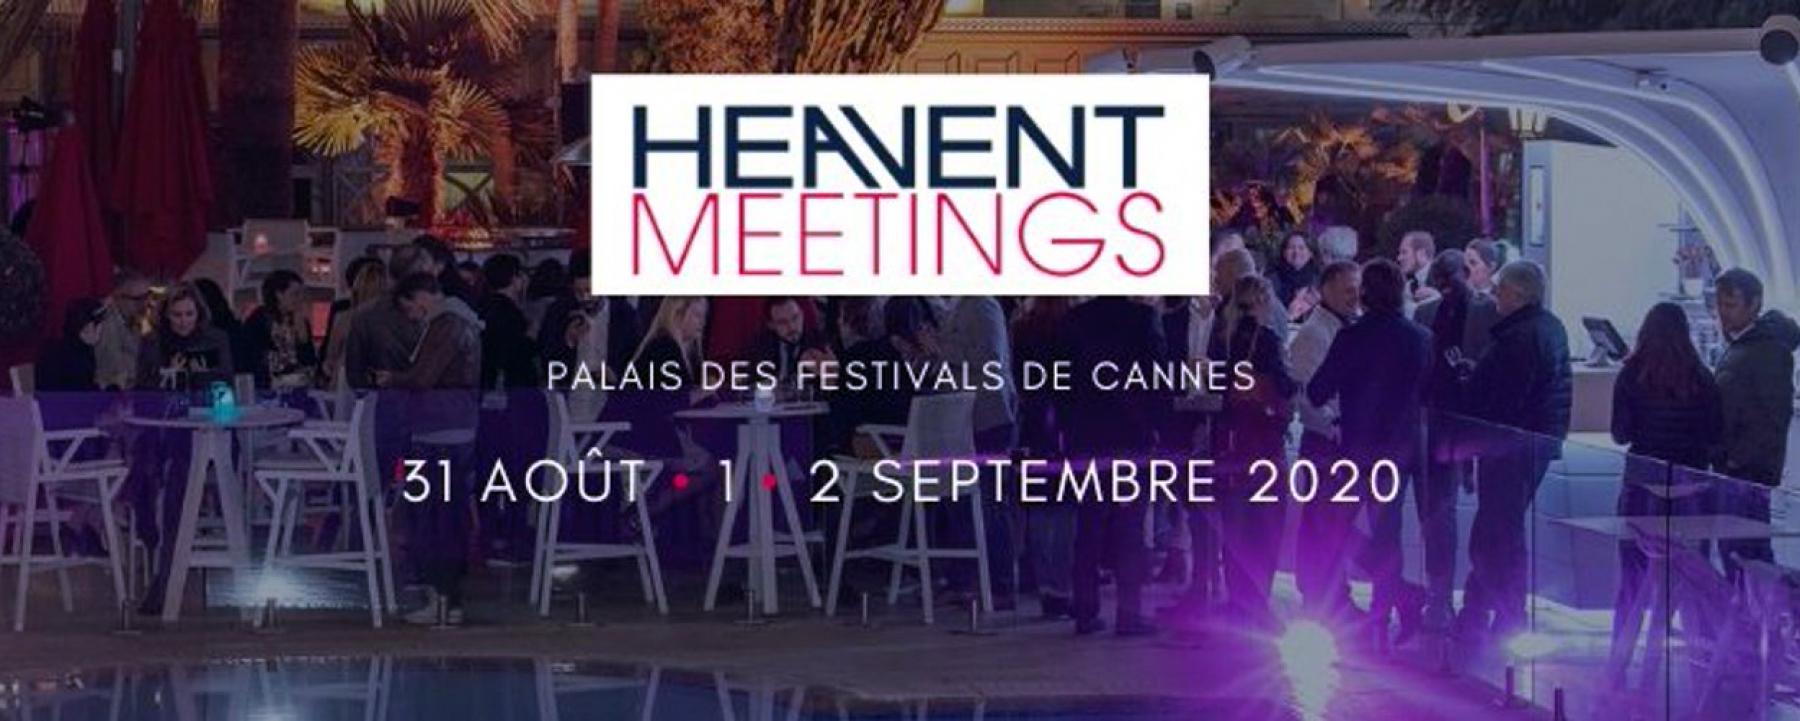 heavent meeting evenementiel cannes